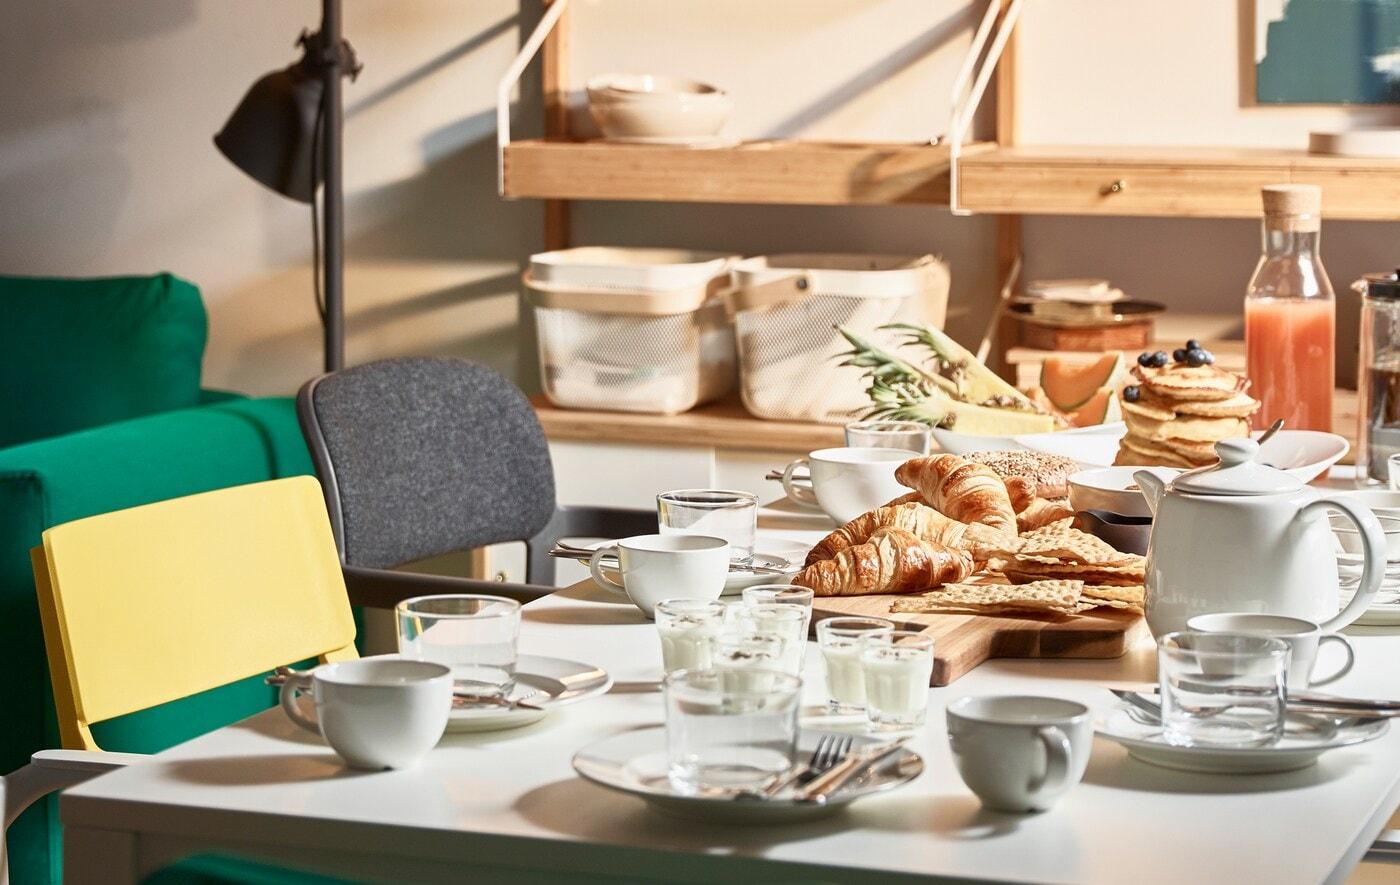 Ешьте, работайте и играйте в столовой с компактной мебелью, которая помогает сэкономить место.